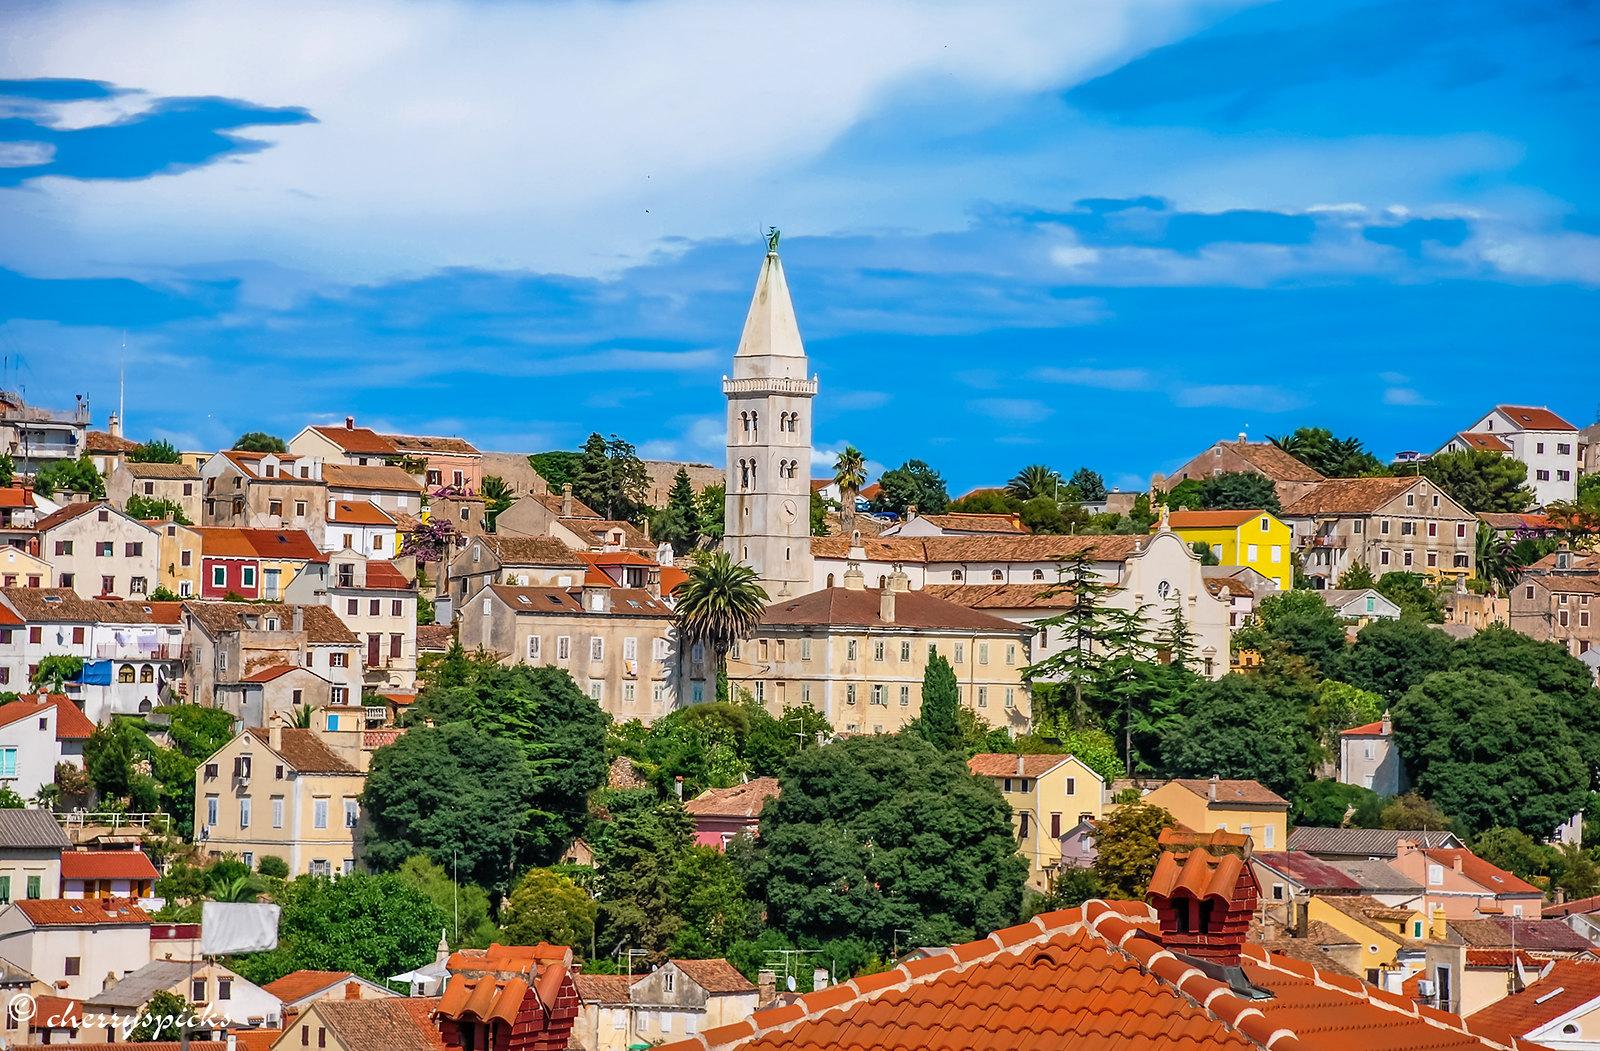 Croatia architecture   16599504029 ac8a785ff8 h